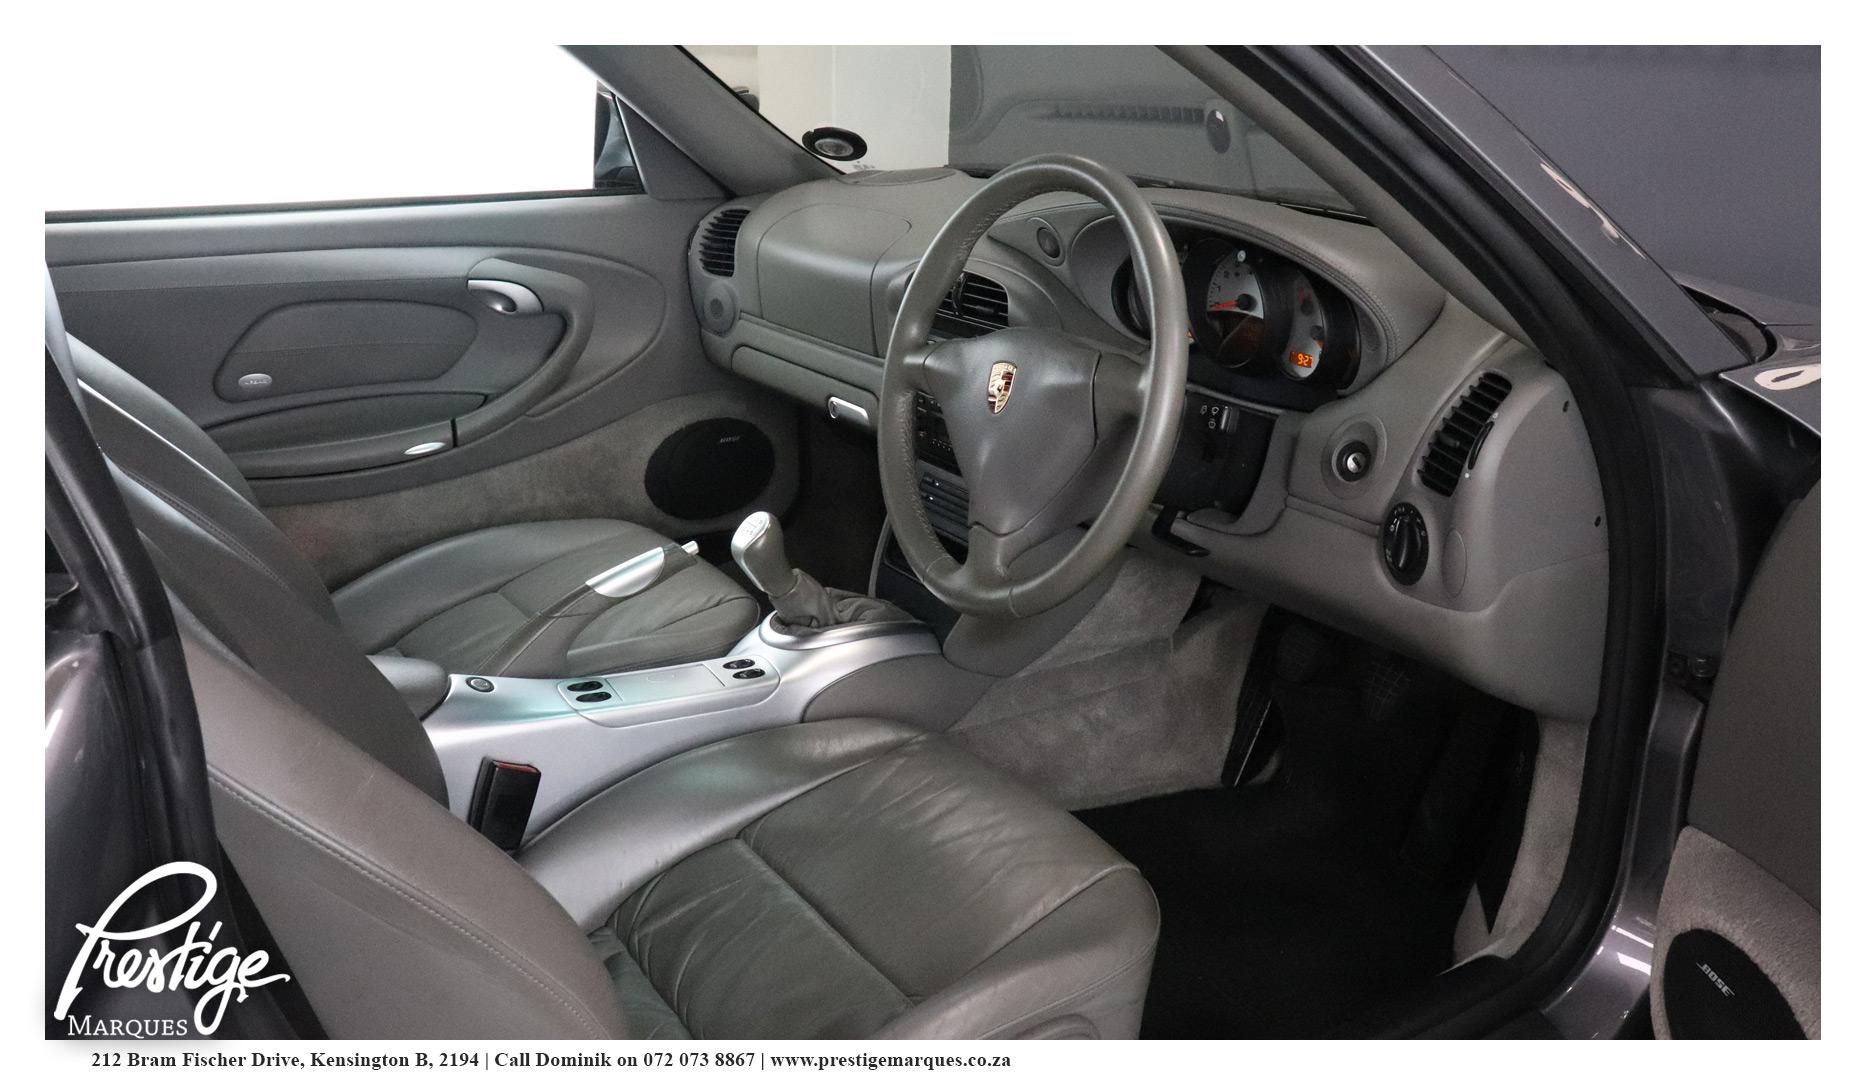 2005-Porsche-911-996-4s-Coupe-Manual-Prestige-Marques-Randburg-Sandton-13